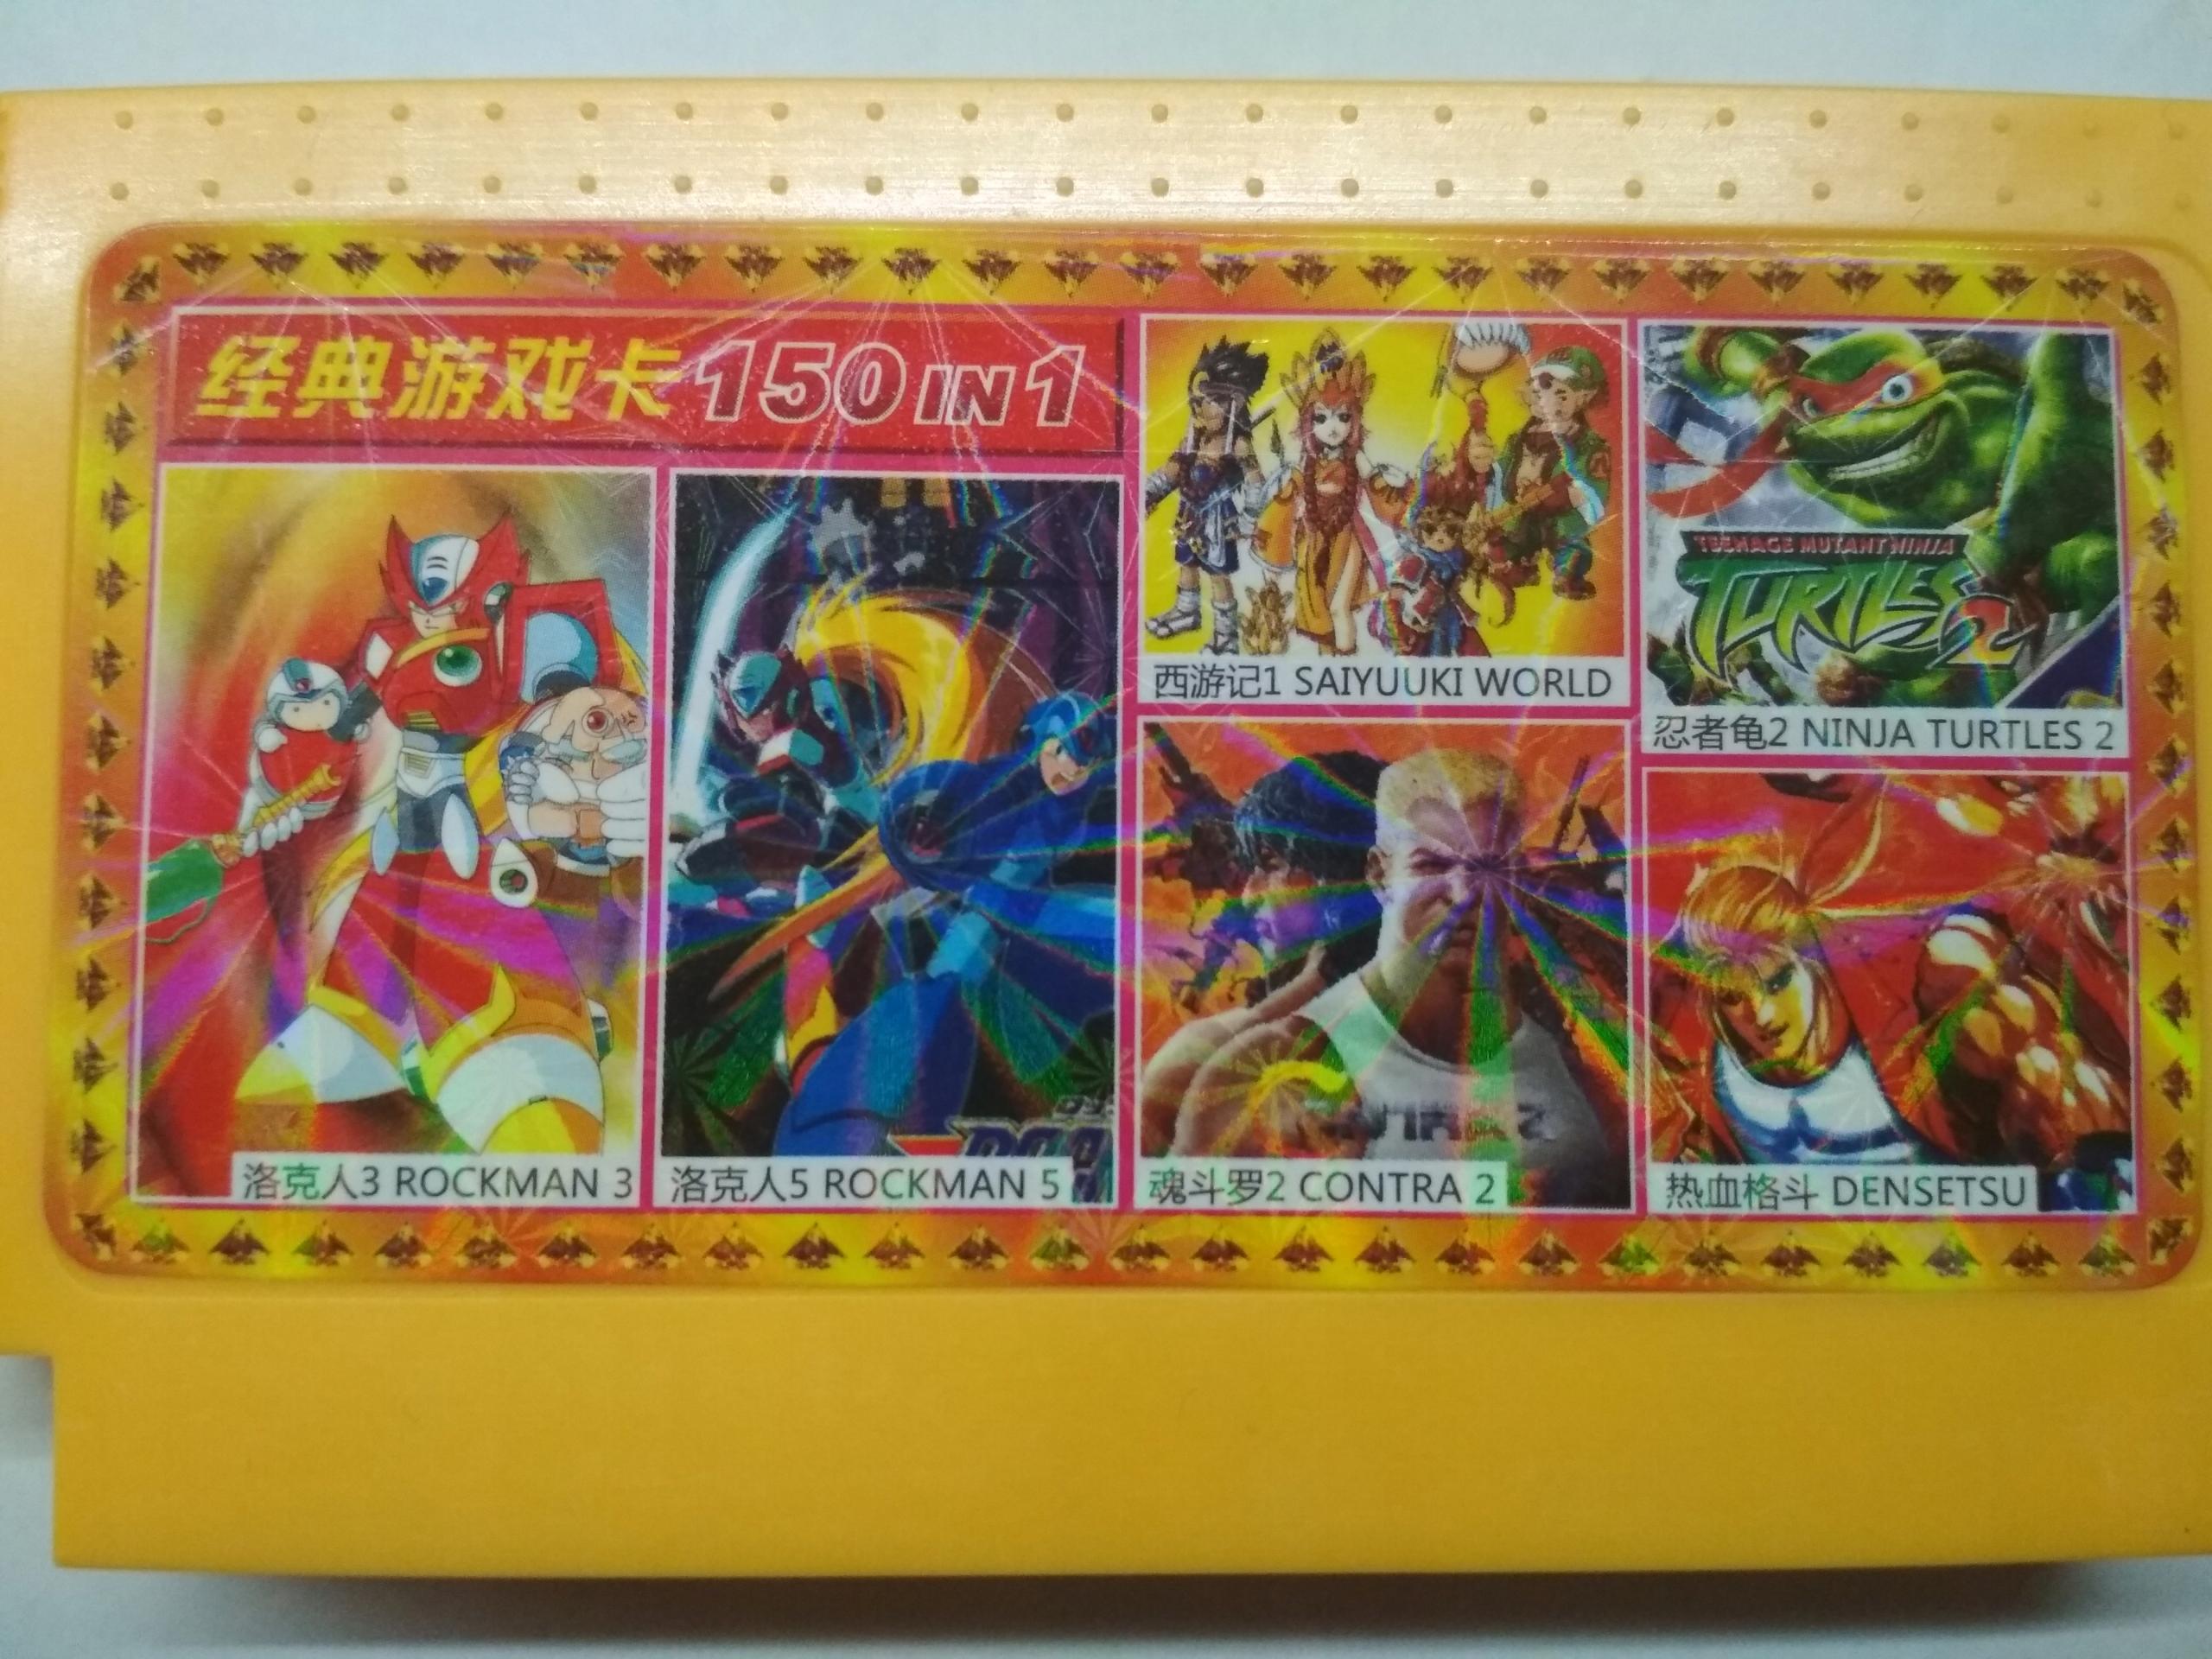 150in1 - contra, Mario, Tanky, Cieľ 3, Tsubasa